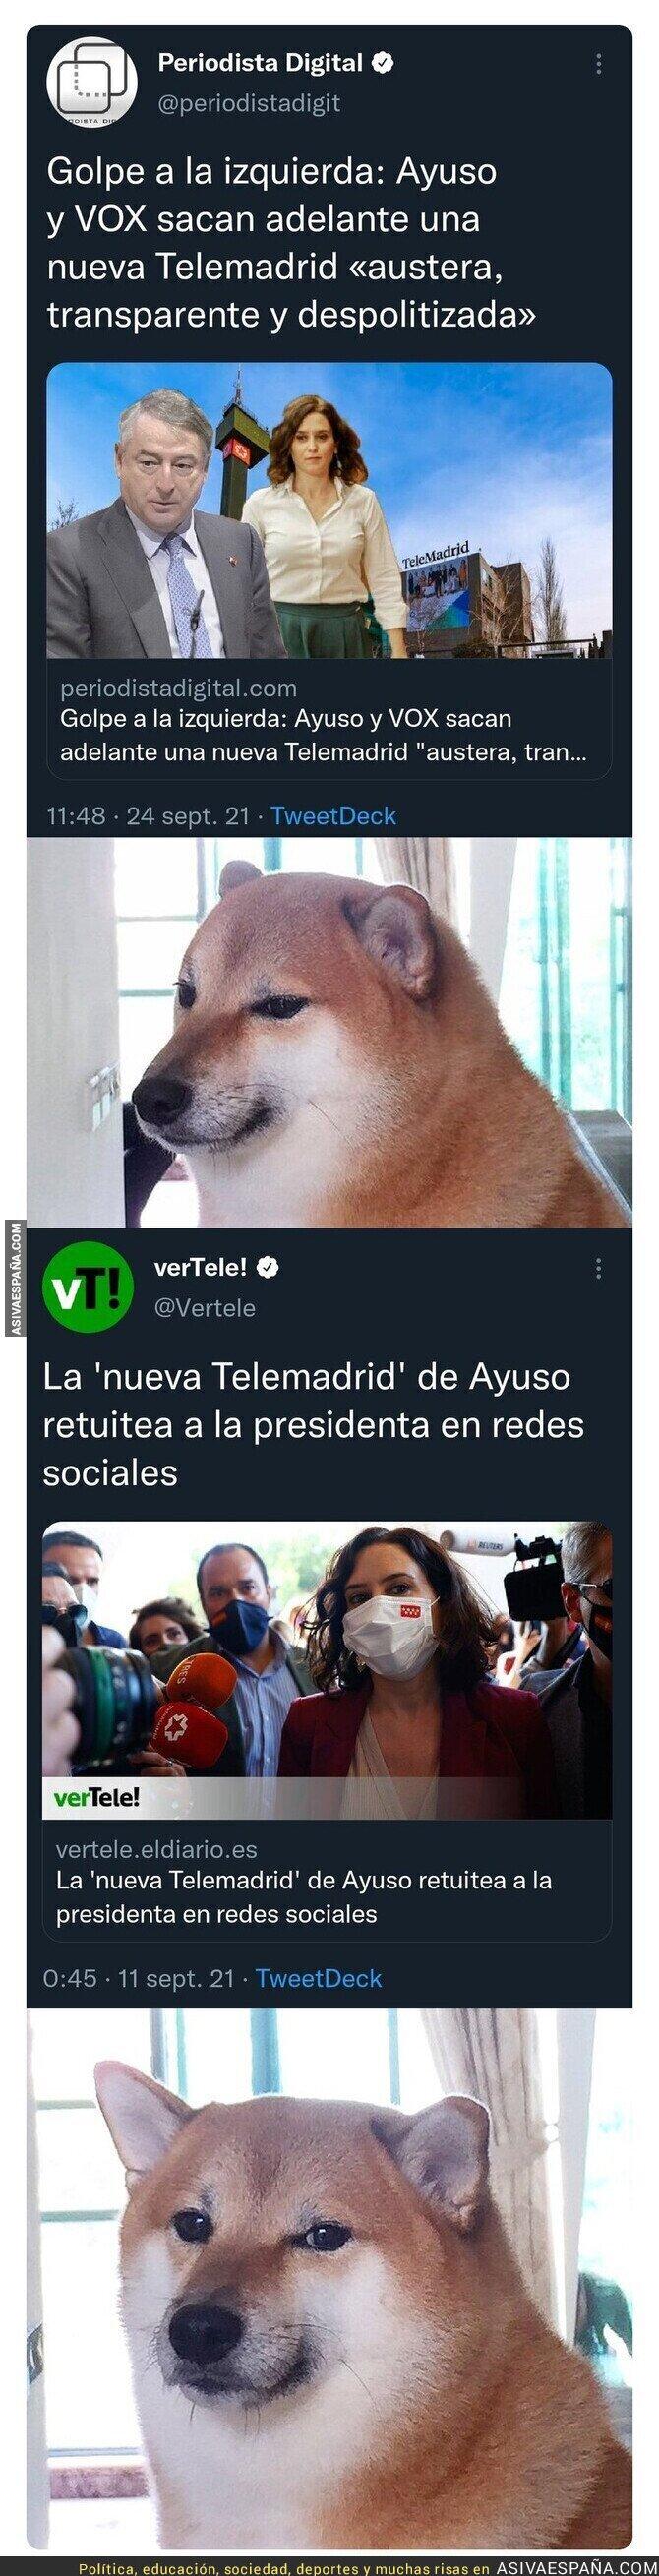 917351 - La nueva Telemadrid de Isabel Díaz Ayuso